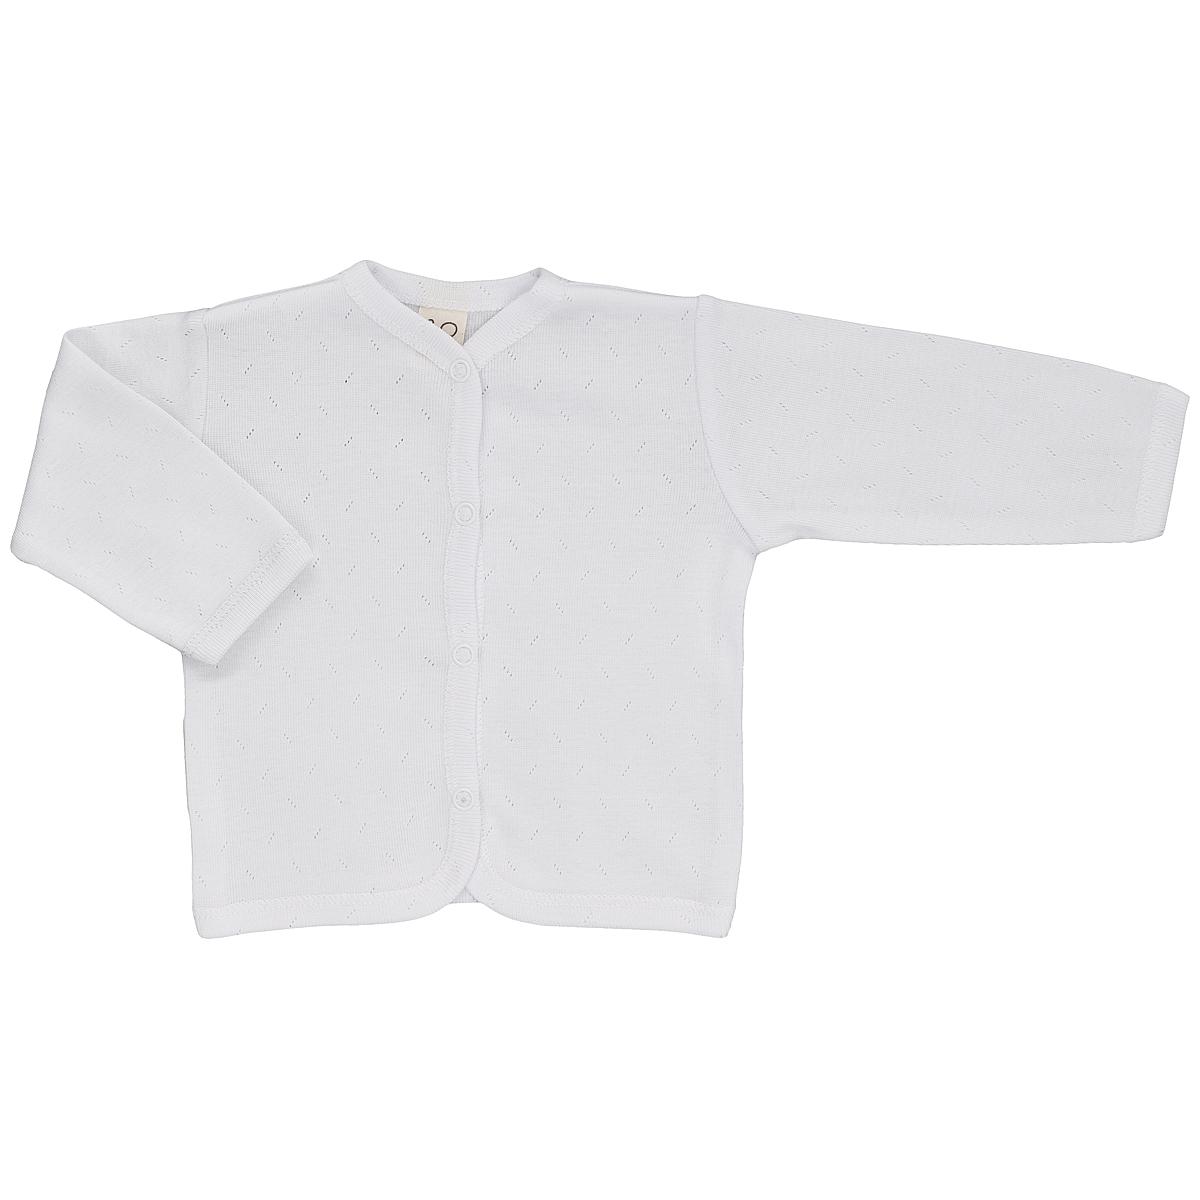 Кофточка детская Lucky Child Ажур, цвет: белый. 0-7. Размер 80/86